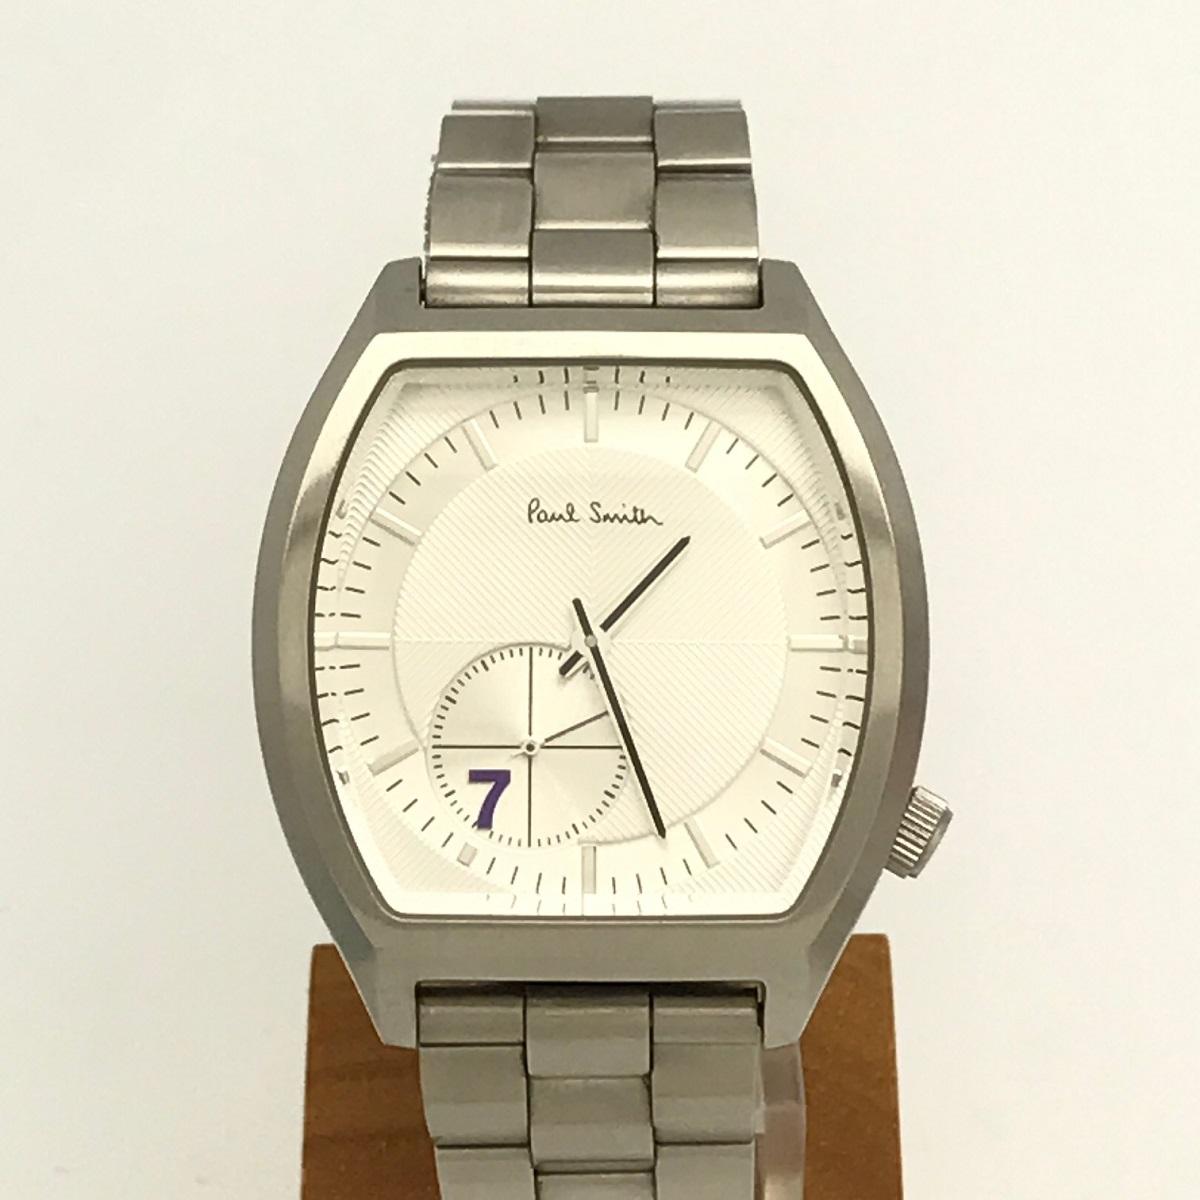 ポールスミス Paul Smith BB5-517-93 メンズ 腕時計 シルバー文字盤 ギャラクシーセブン No.7 SS ステンレス Qz クォーツ 【トレジャースポット】【中古】